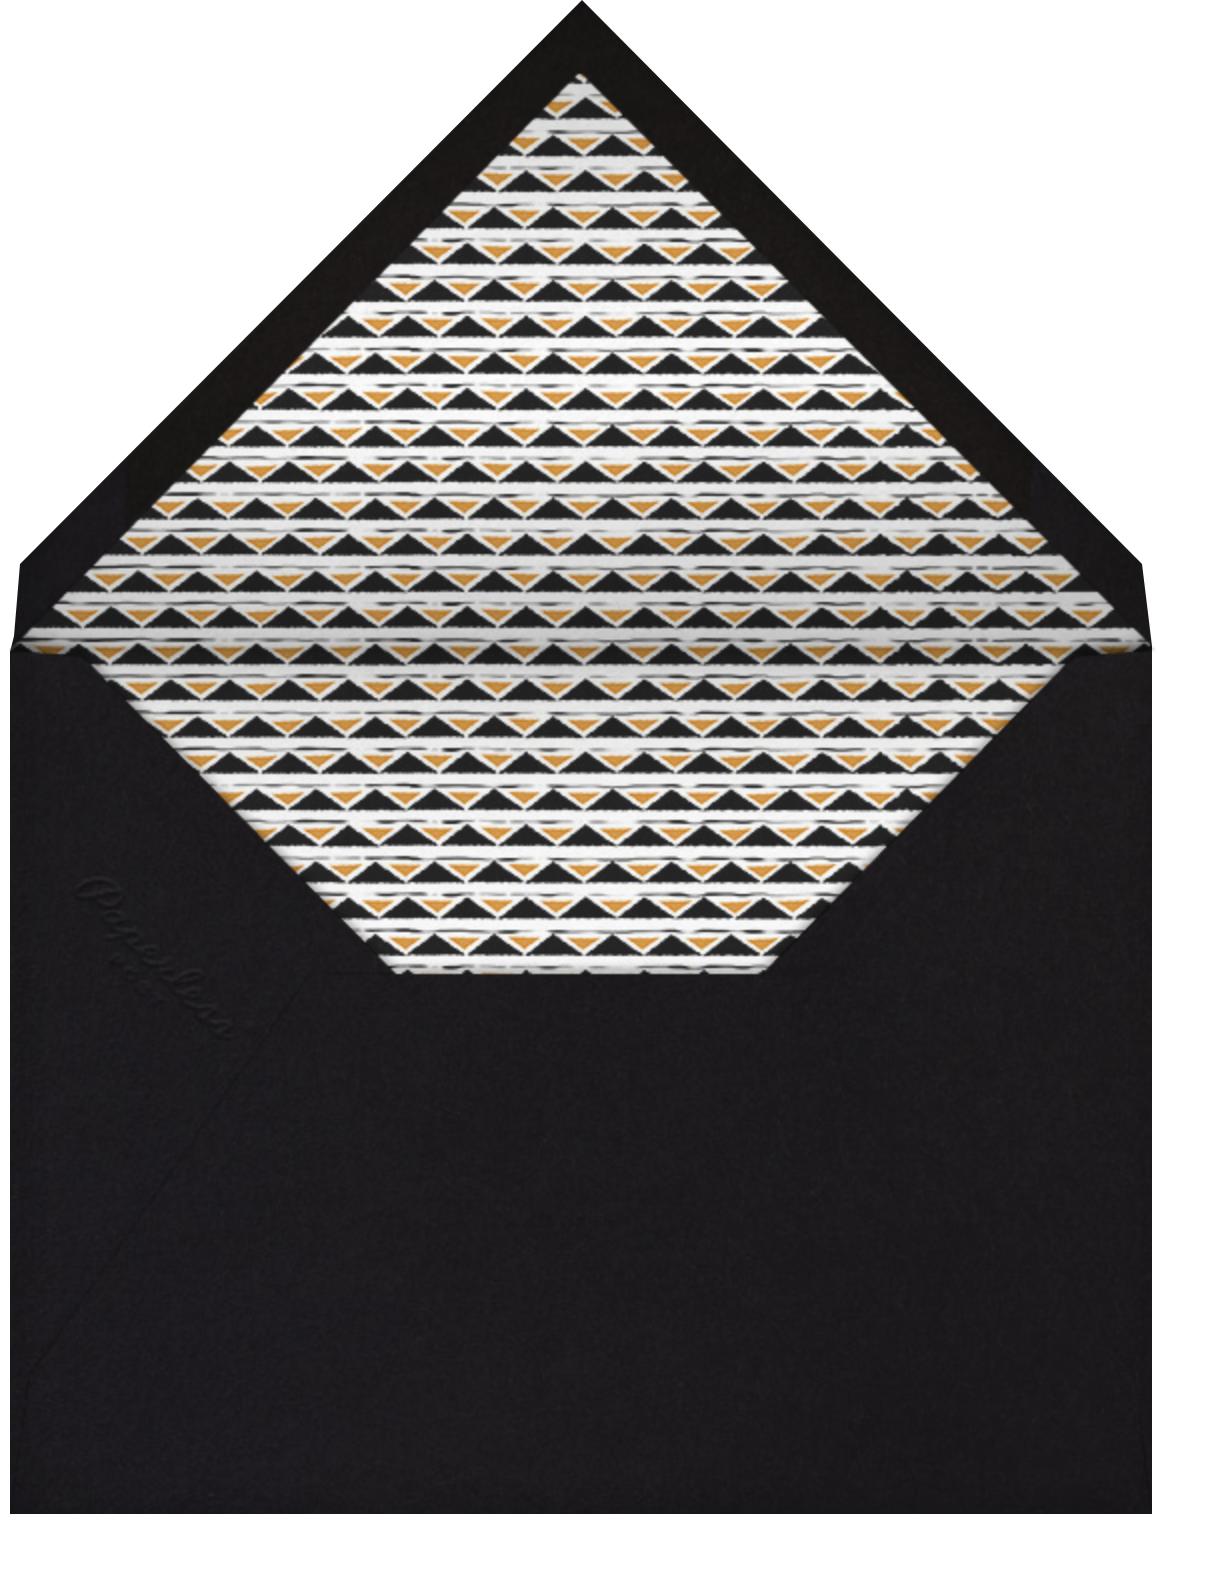 Kasm Velvet - Paperless Post - Envelope